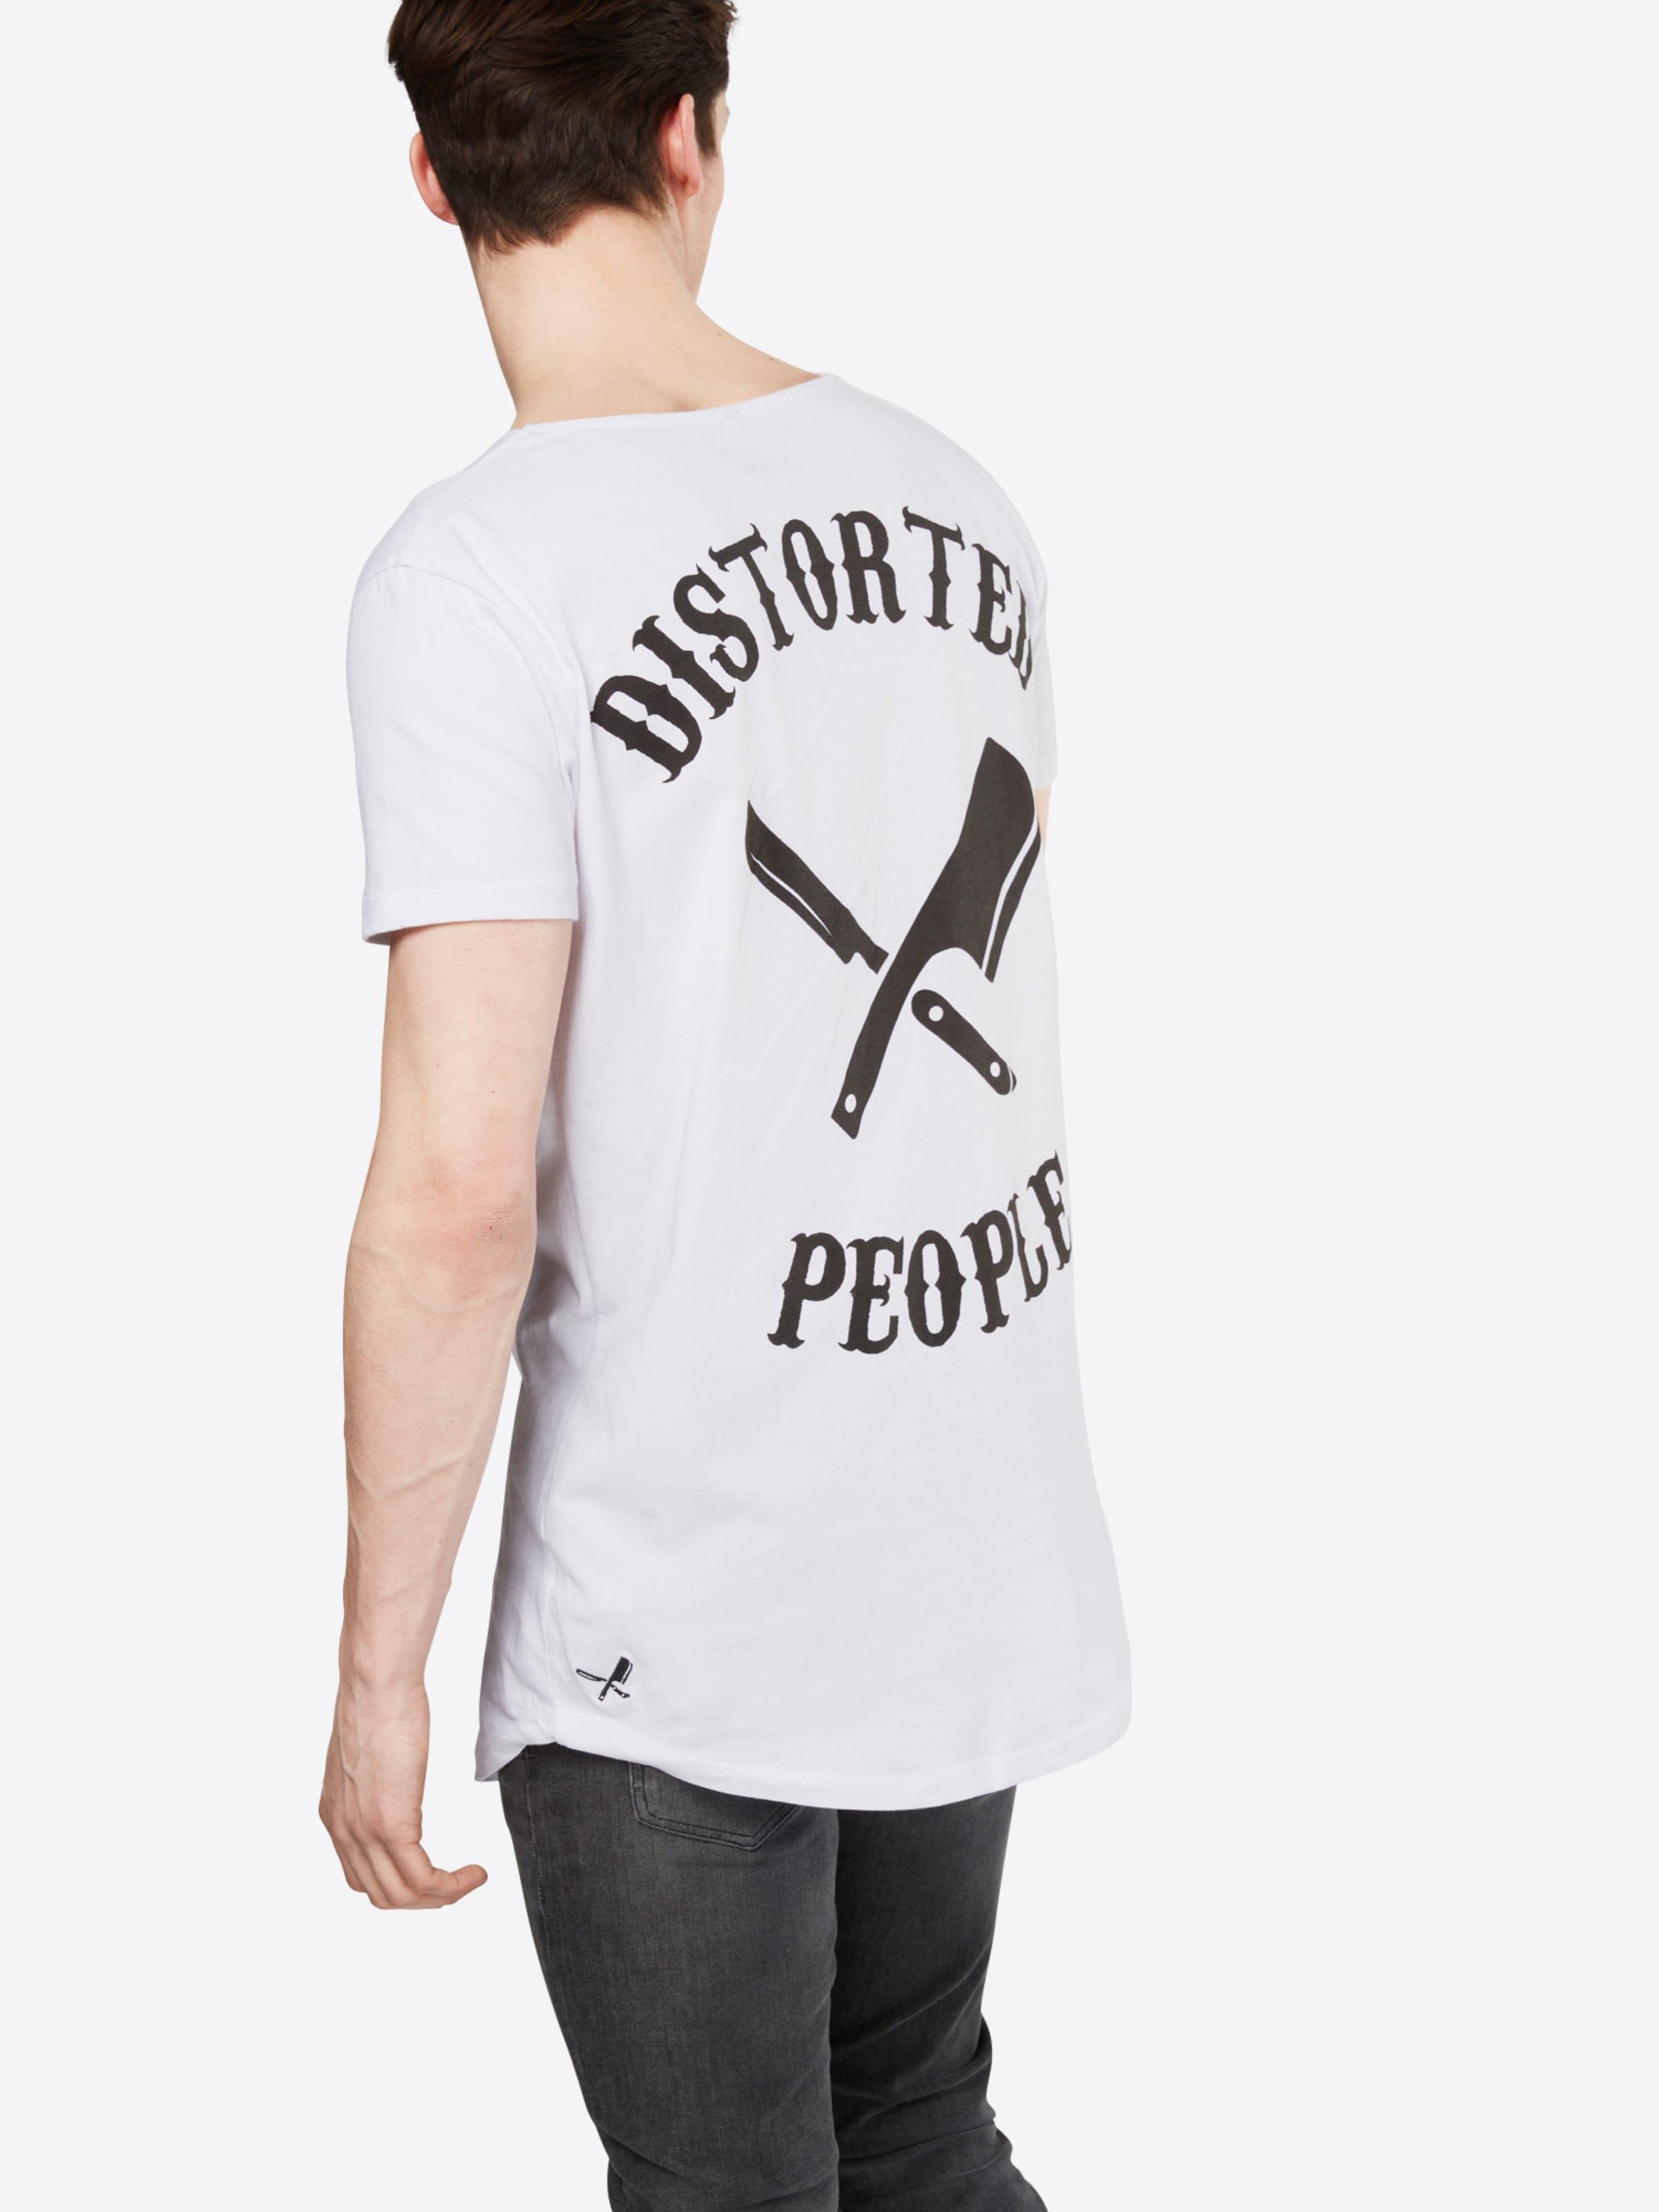 distortedpeople T-Shirt 'Cutted Neck Team Oversized' Billigster Günstiger Preis Erstaunlicher Preis Günstig Online dpPPU